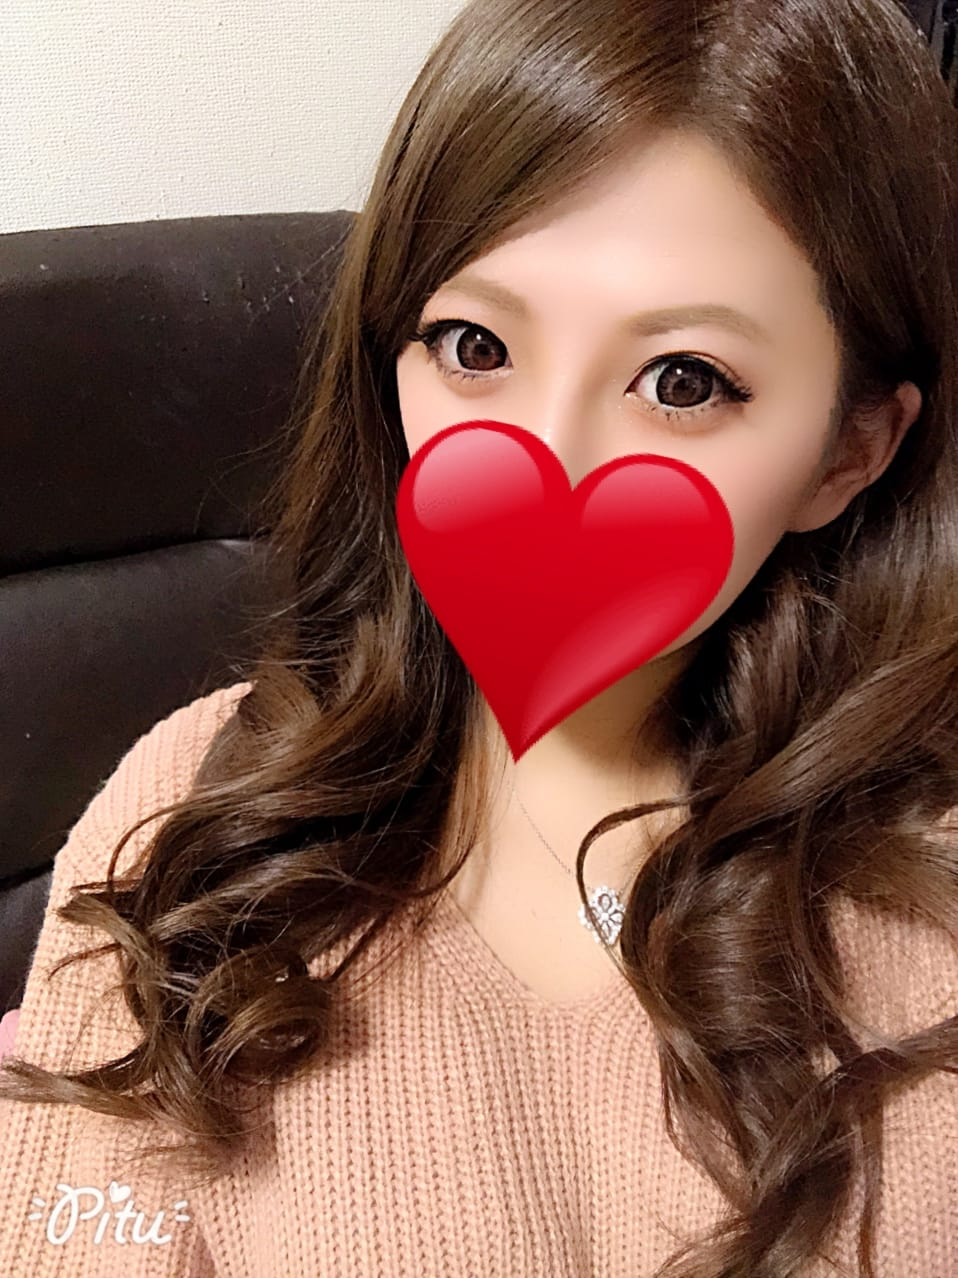 「21時出勤です!」02/23(02/23) 20:30 | しずかの写メ・風俗動画